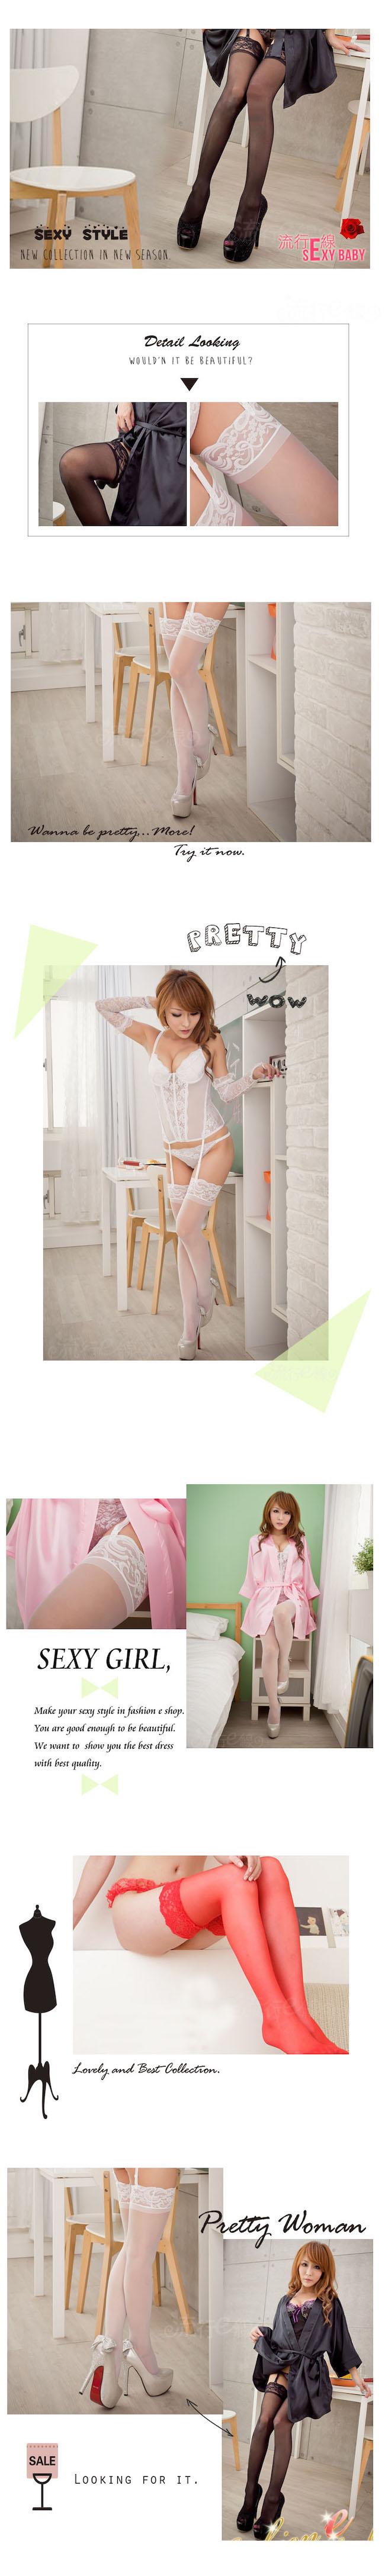 絲襪 台灣製OL透氣防滑大腿襪 彈性細長腿性感絲襪 流行E線